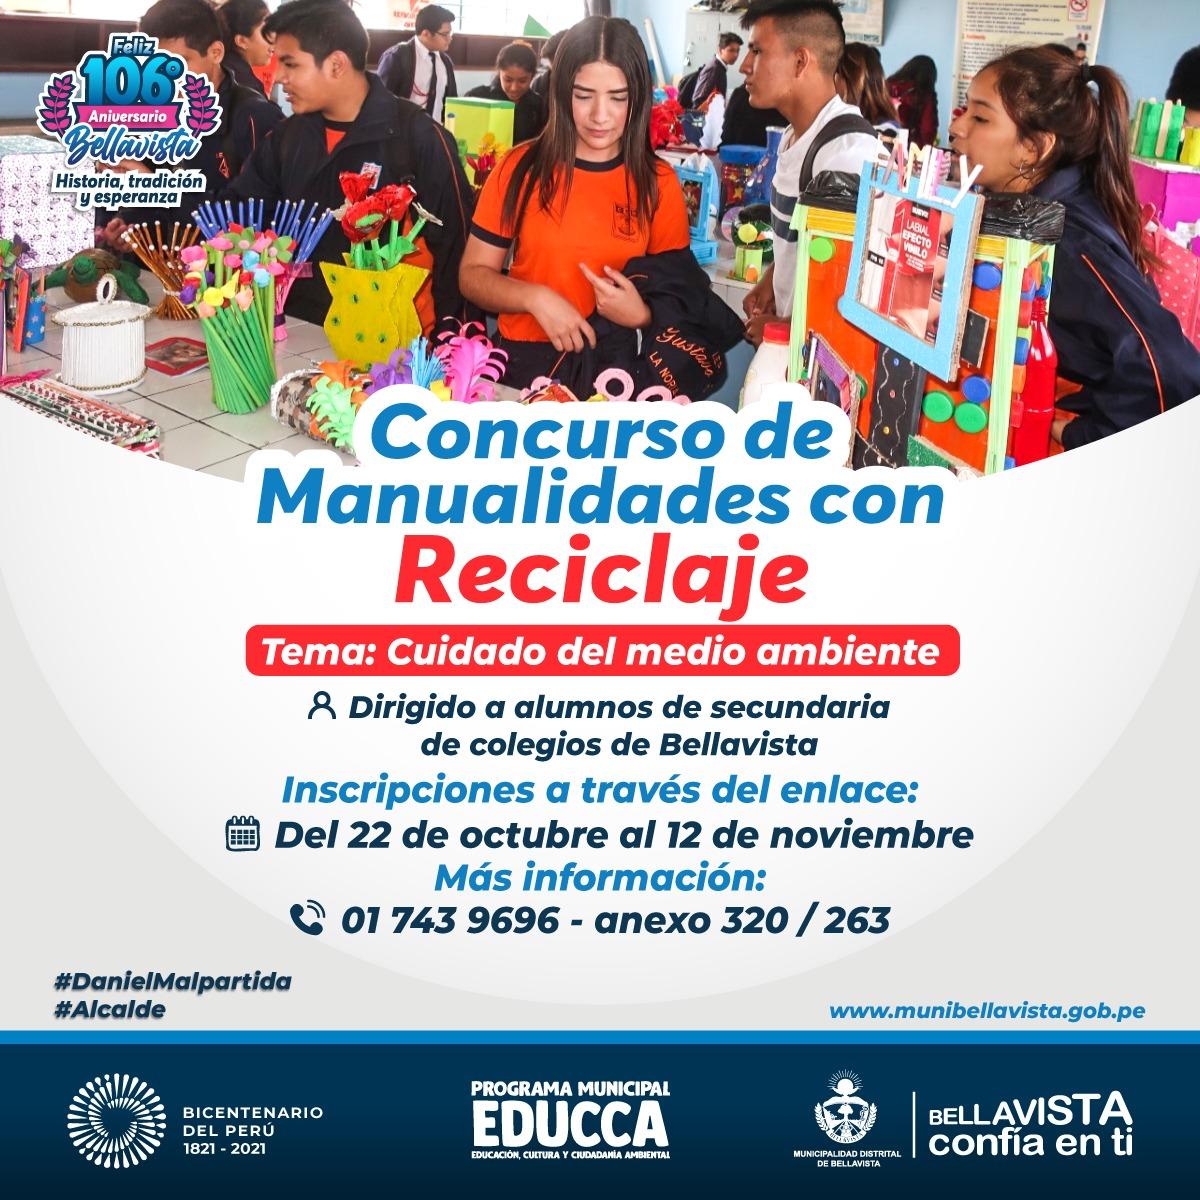 imagen de CONCURSO DE MANUALIDADES CON RECICLAJE